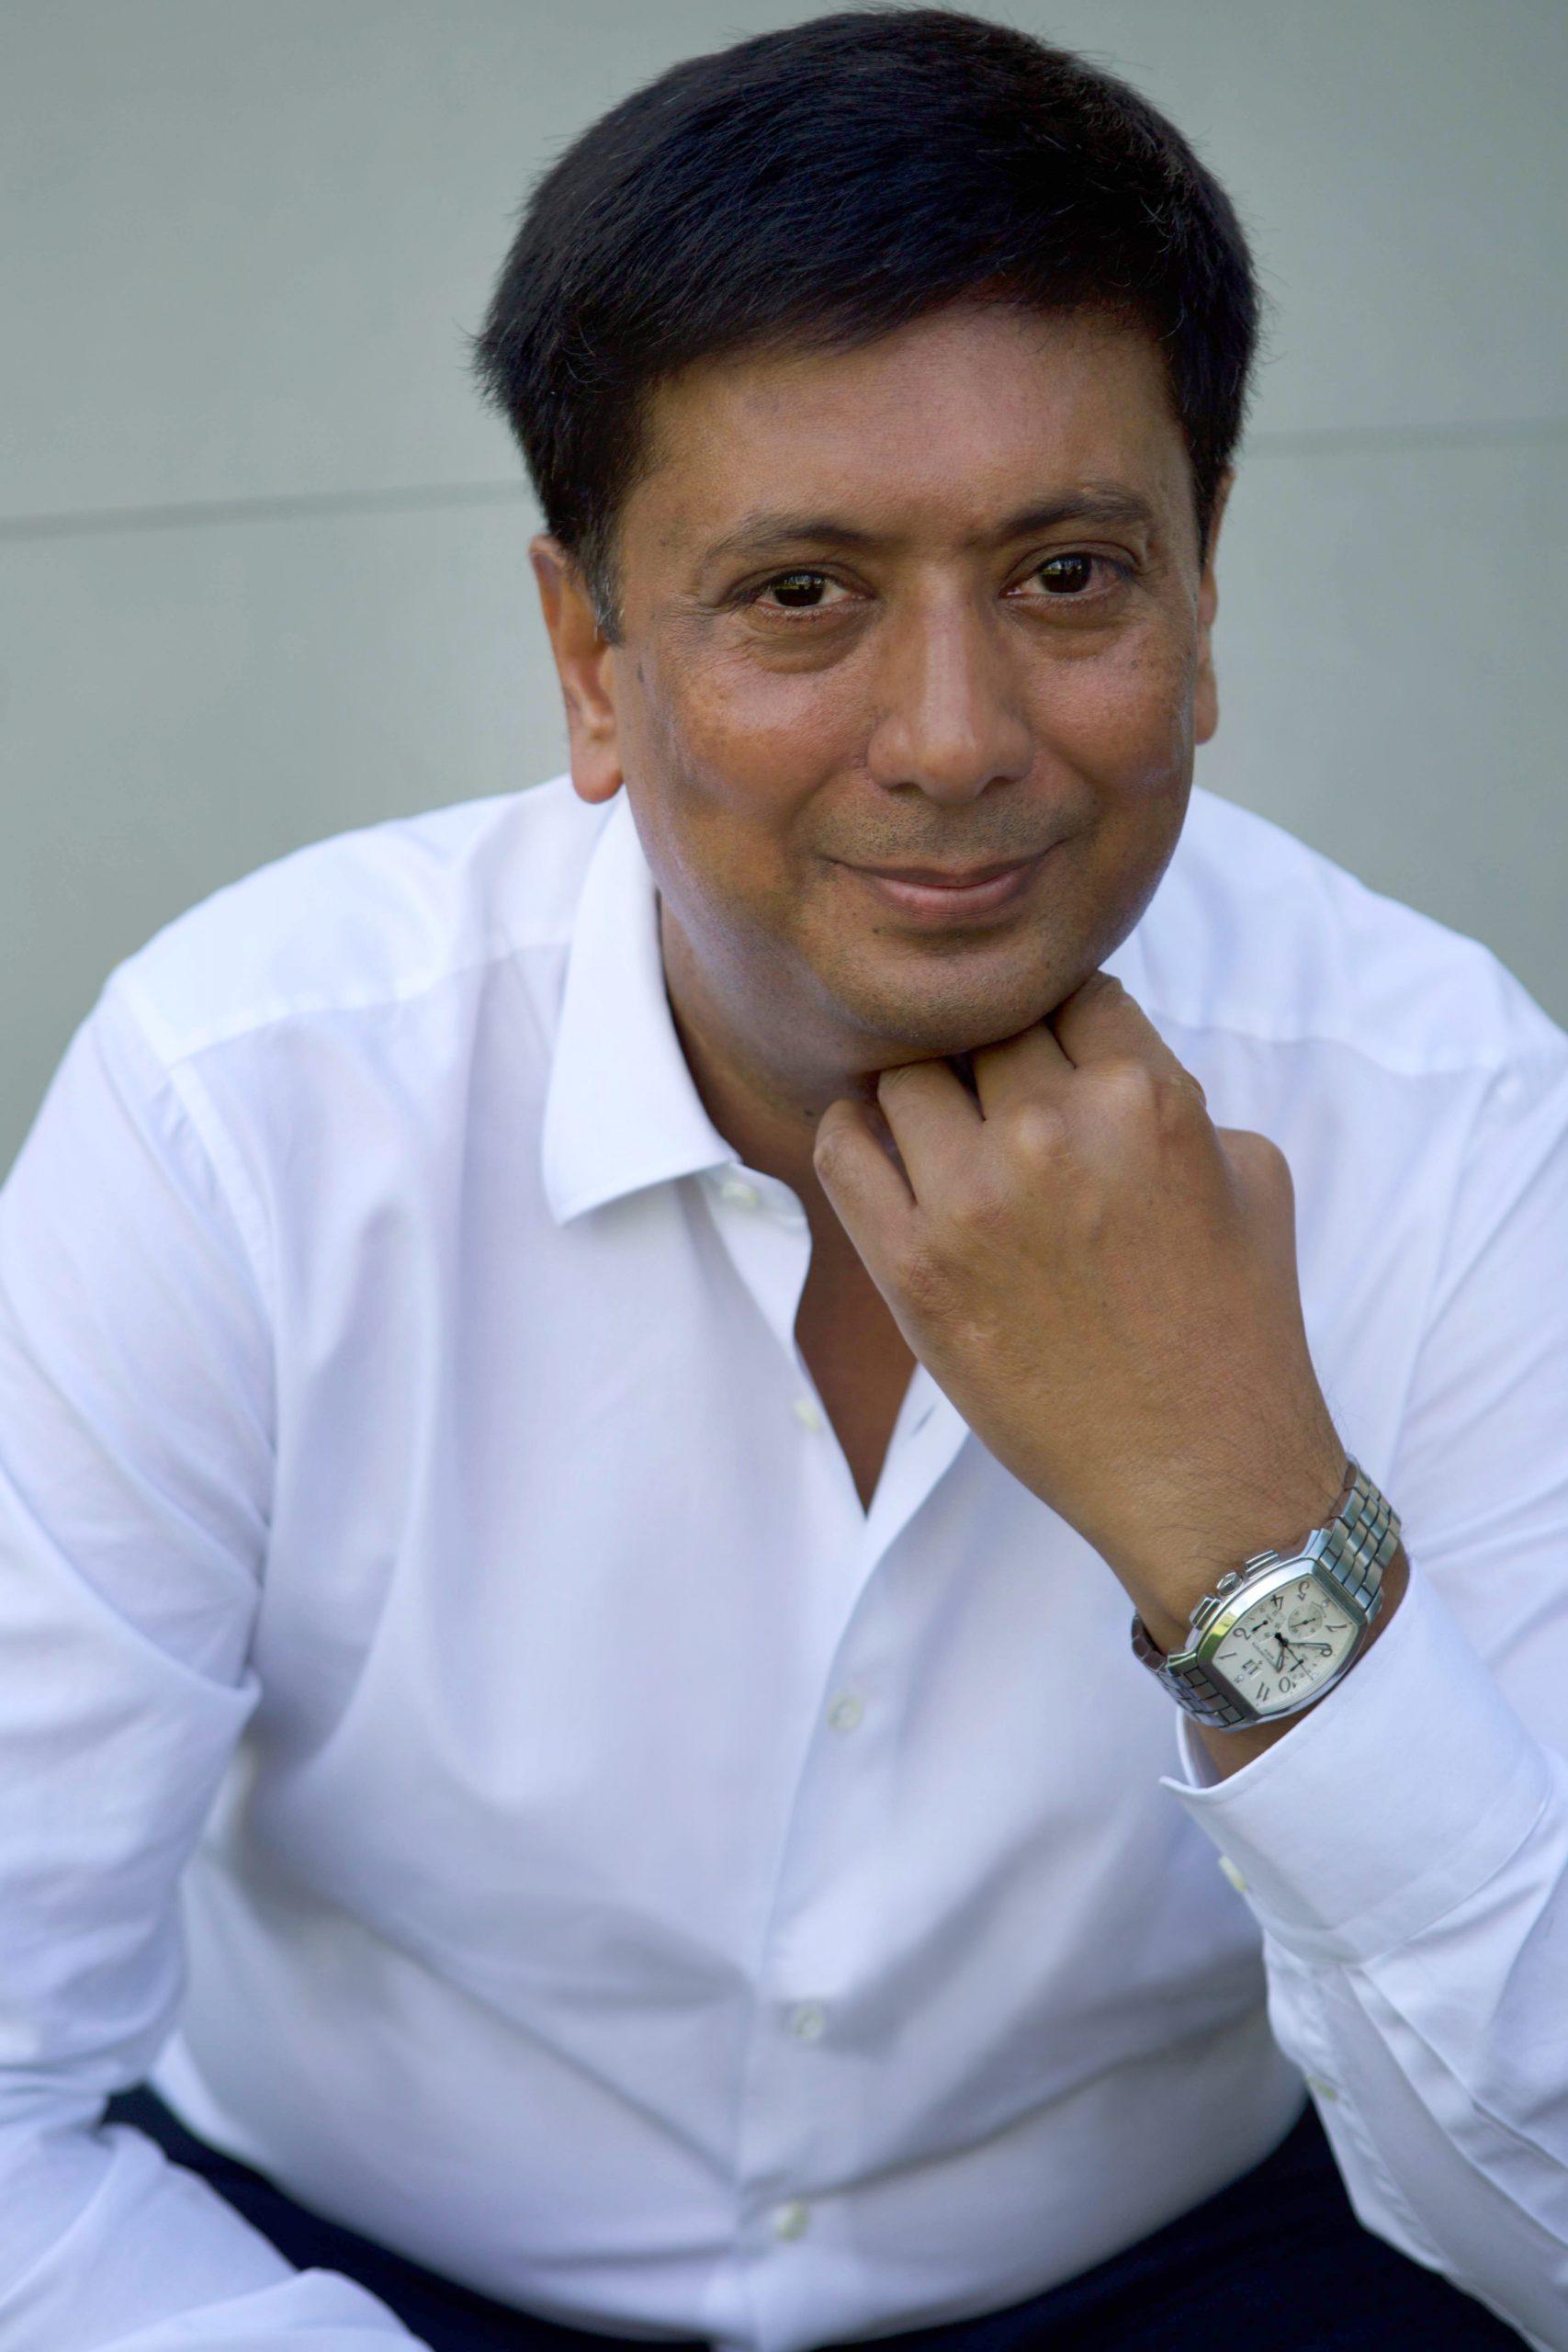 РЕЦЕПТ УСПЕХА: Раджив Гупта из «Кусум» о первых шагах  в фармацевтическом бизнесе и свободе сотрудников